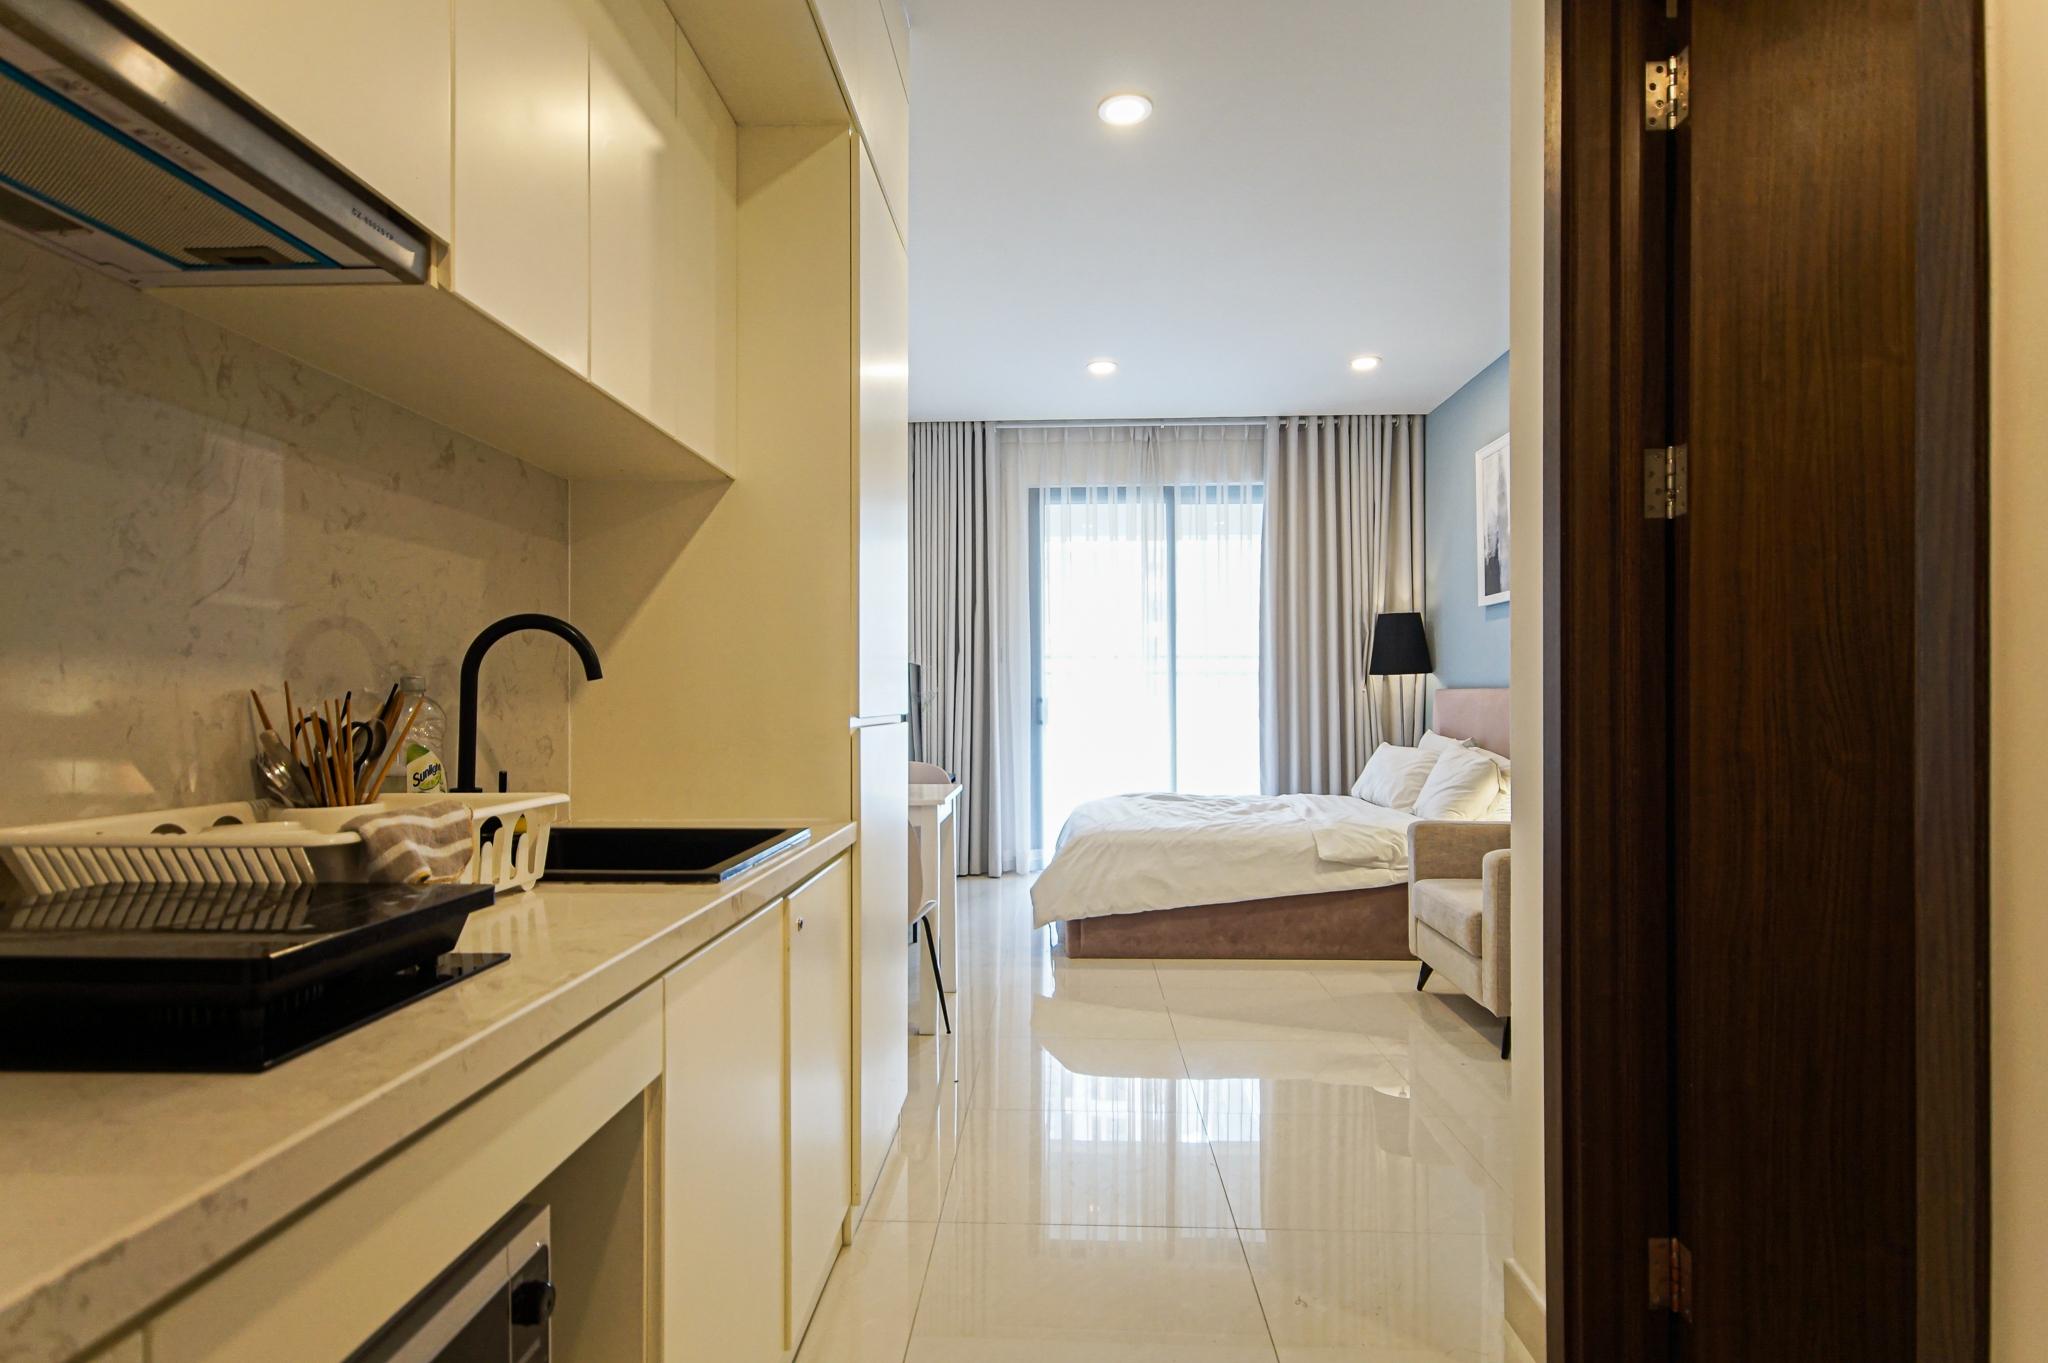 Cho Thuê Căn hộ Office-te 1 PN Saigon Royal Residence - Đầy Đủ Nội Thất & Nghệ Thuật -1